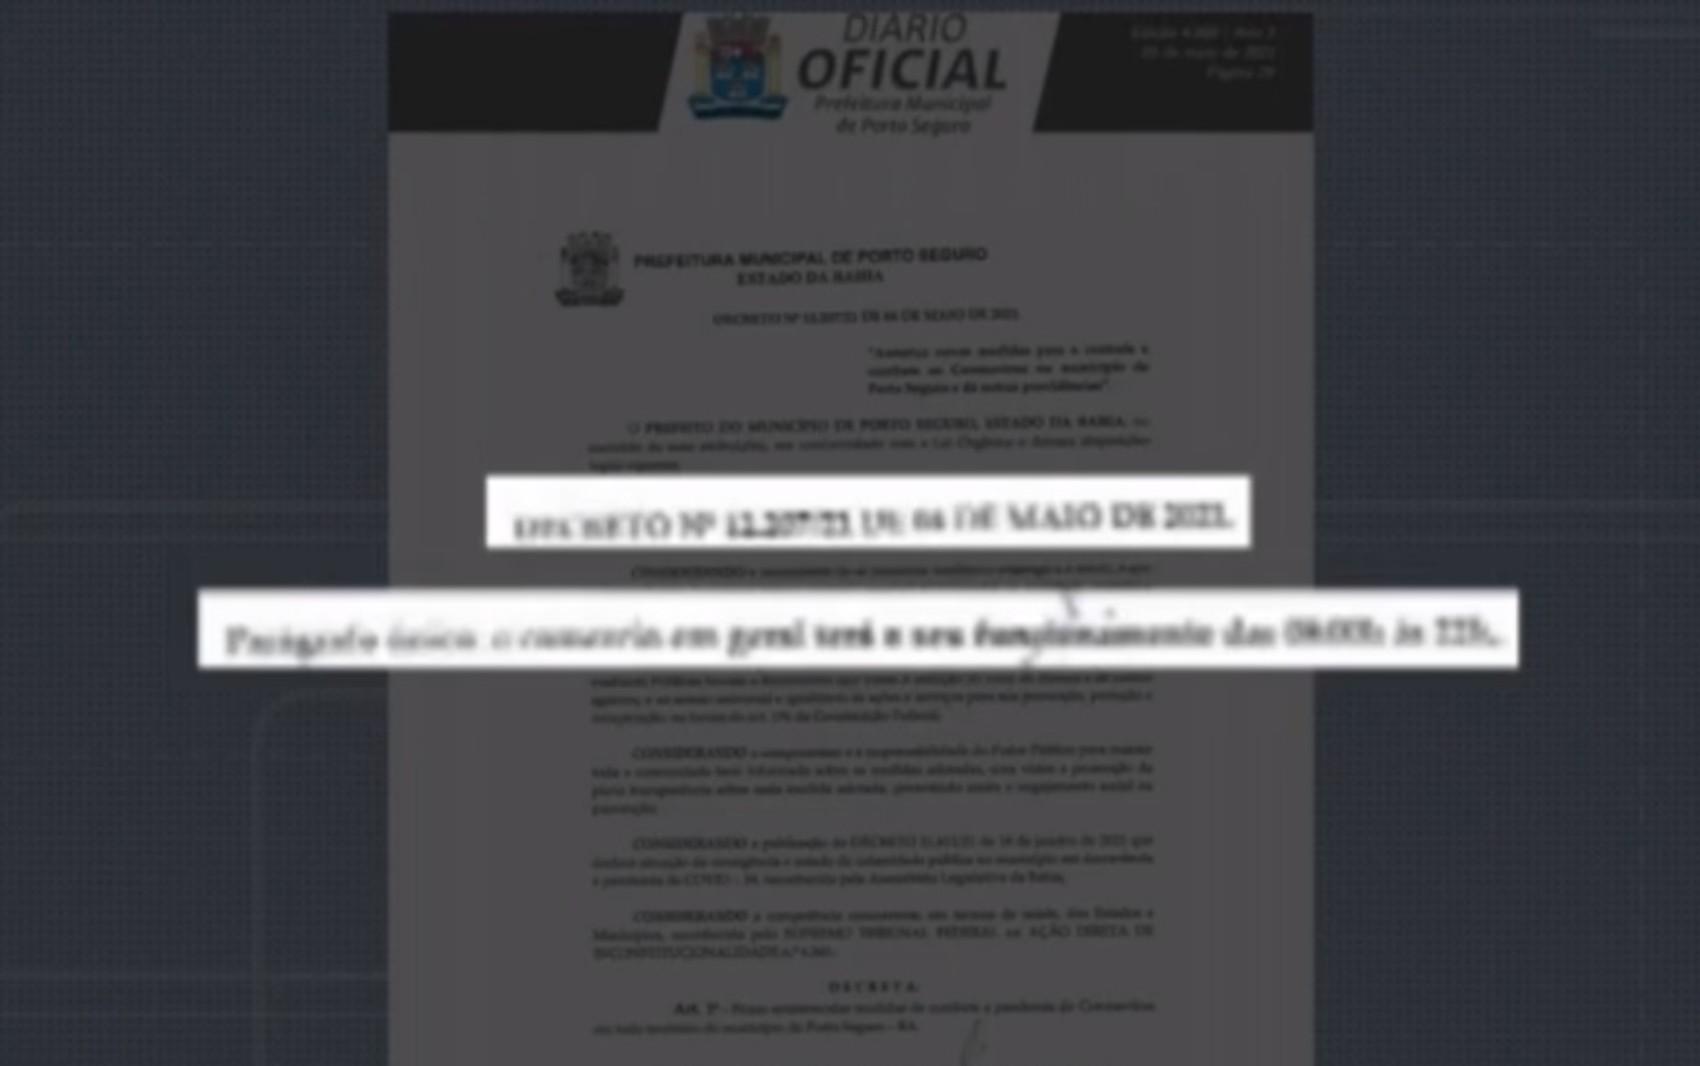 Prefeitura de Porto Seguro publica decreto que altera funcionamento do comércio e autoriza celebração de cultos religiosos; veja detalhes